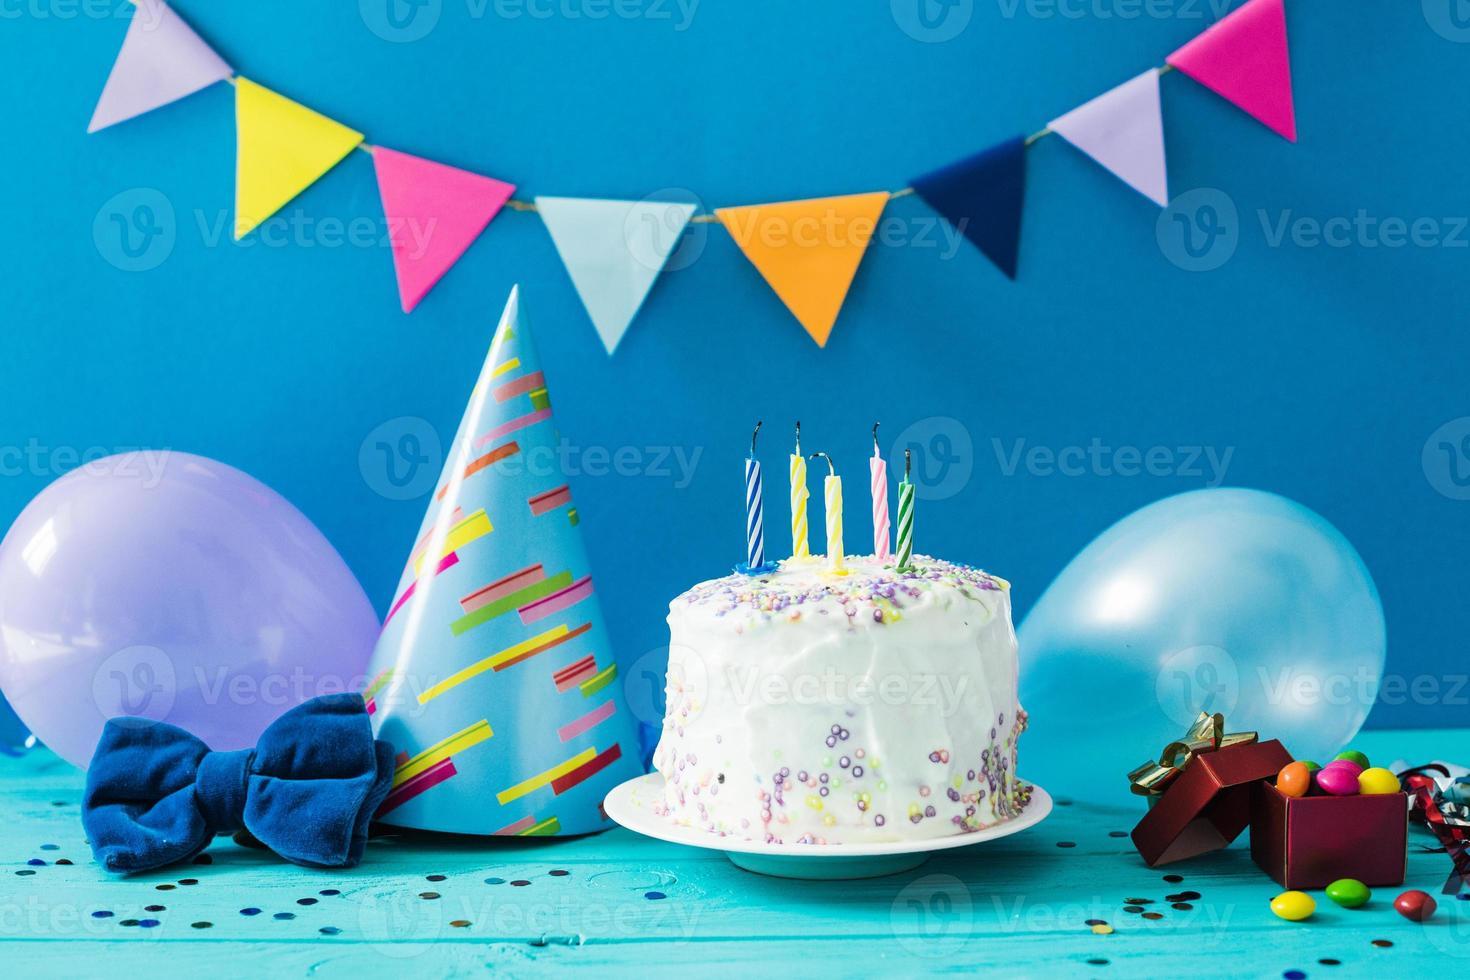 hausgemachte Dessert Party Zeug auf blauem Hintergrund foto